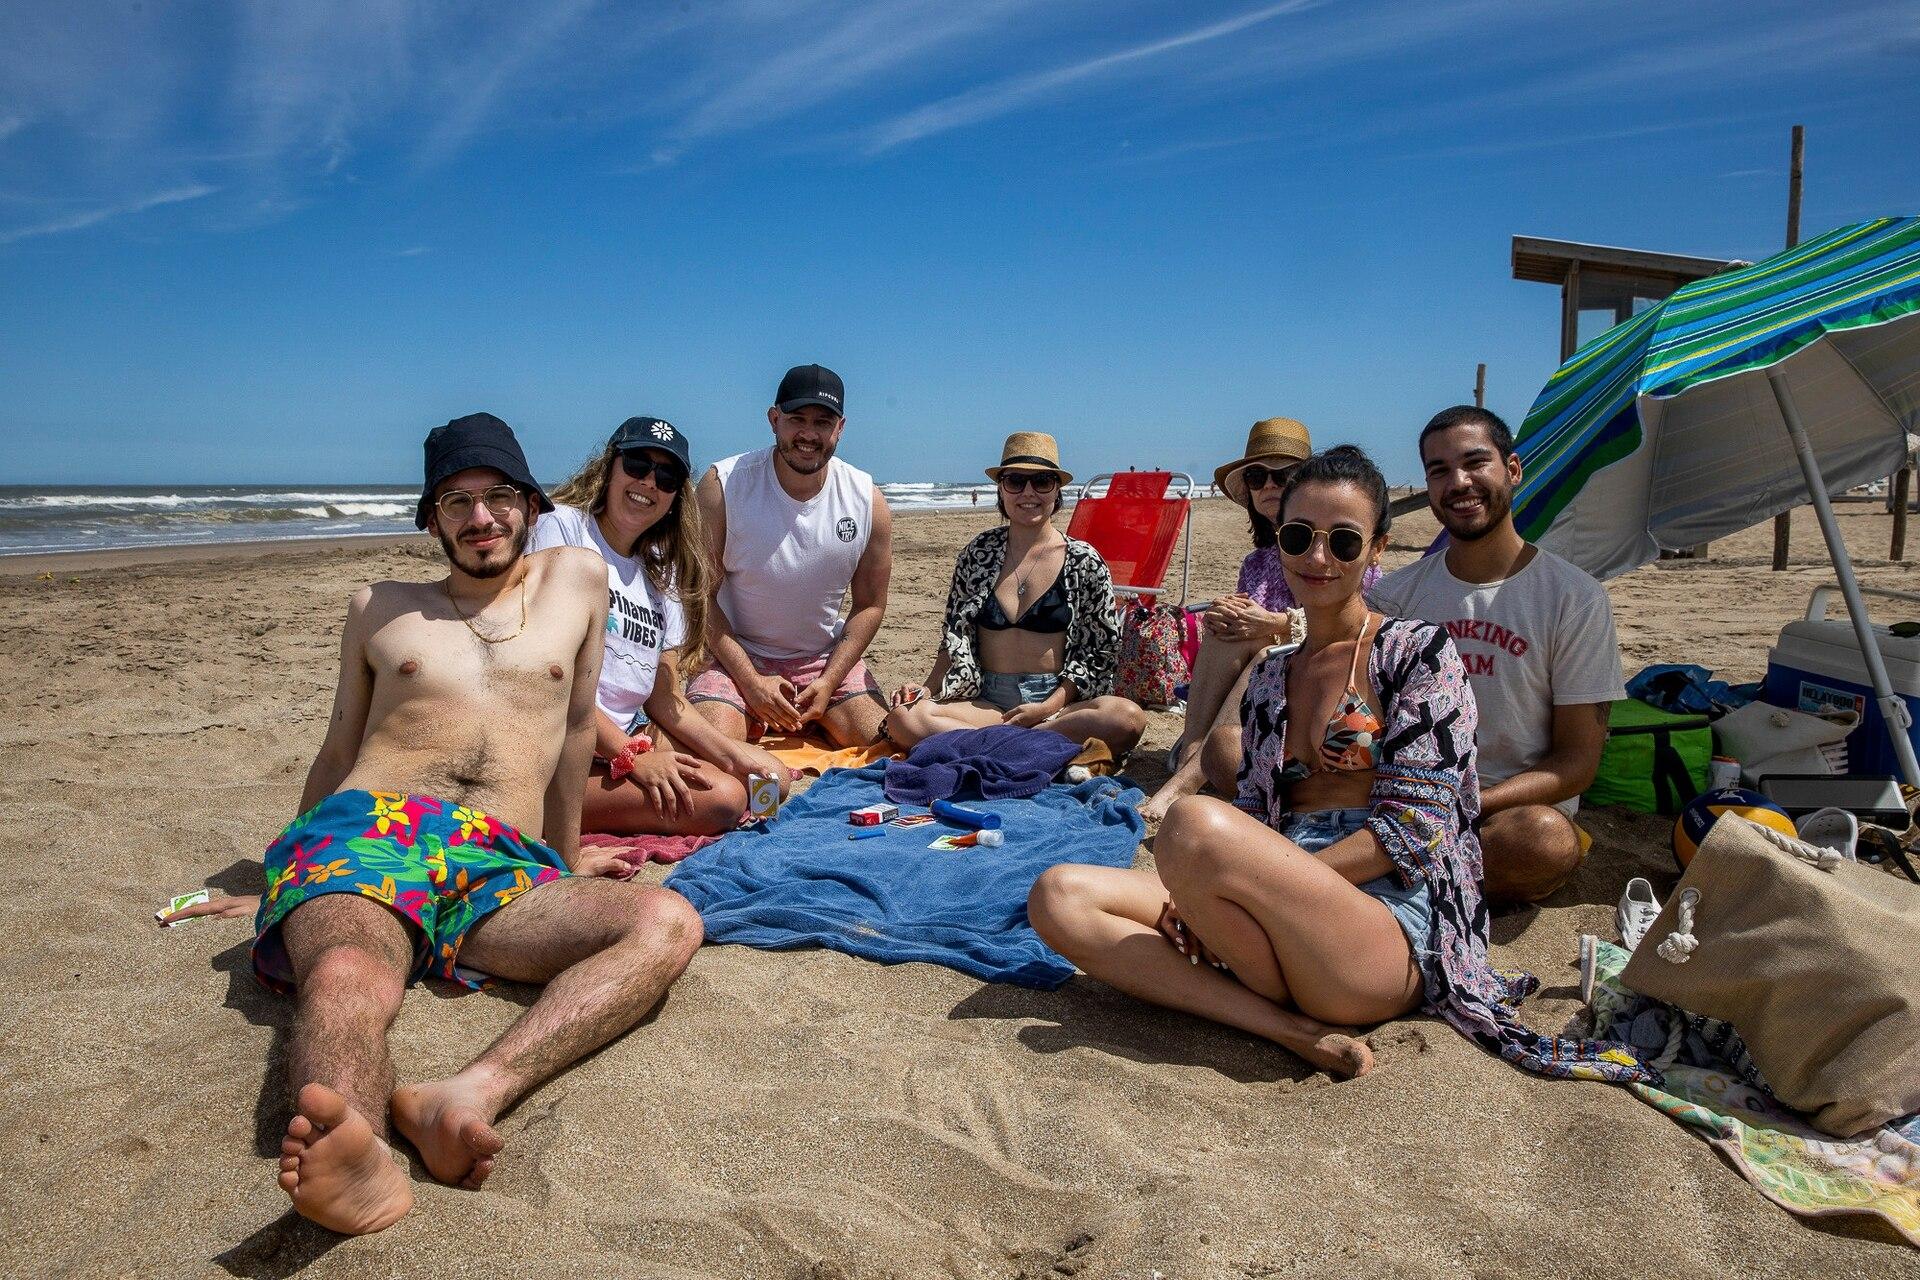 Luis Murillo y su grupo de amigos eligieron esta playa por la tranquilidad y el espacio